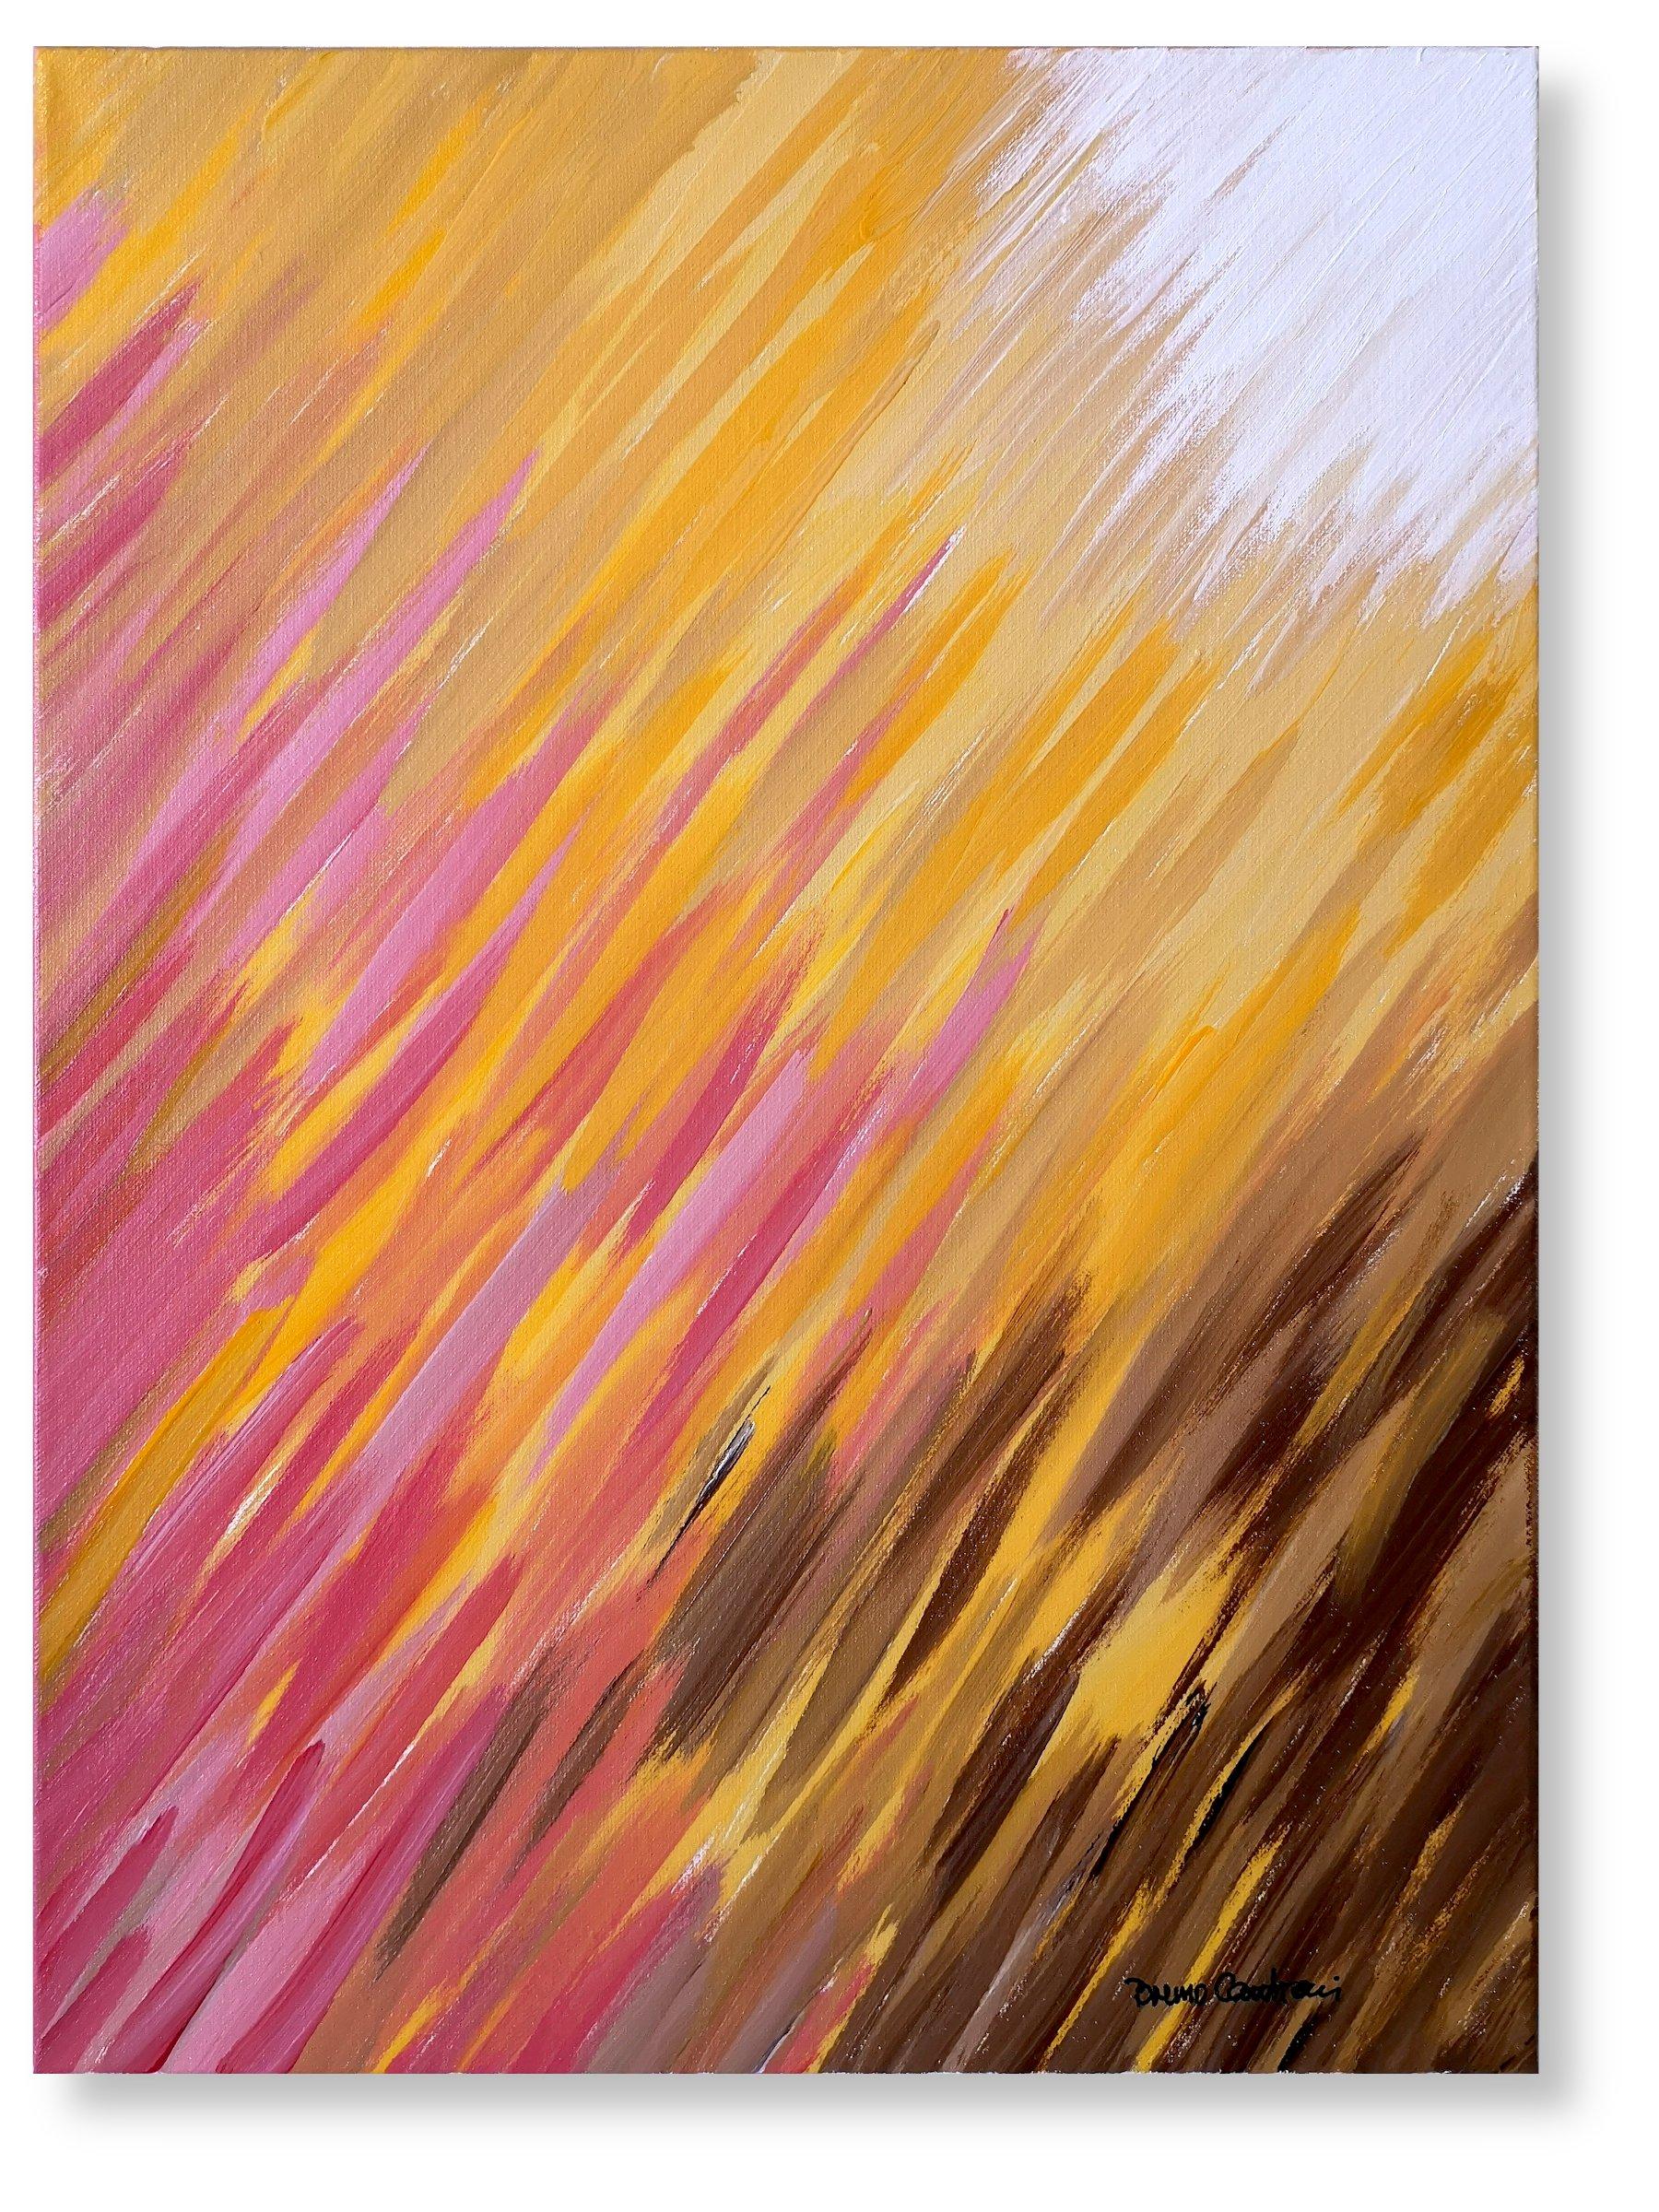 """Chroma """"Through The Canopy"""" - 61 cm x 45 cm (24″ x 18″)"""